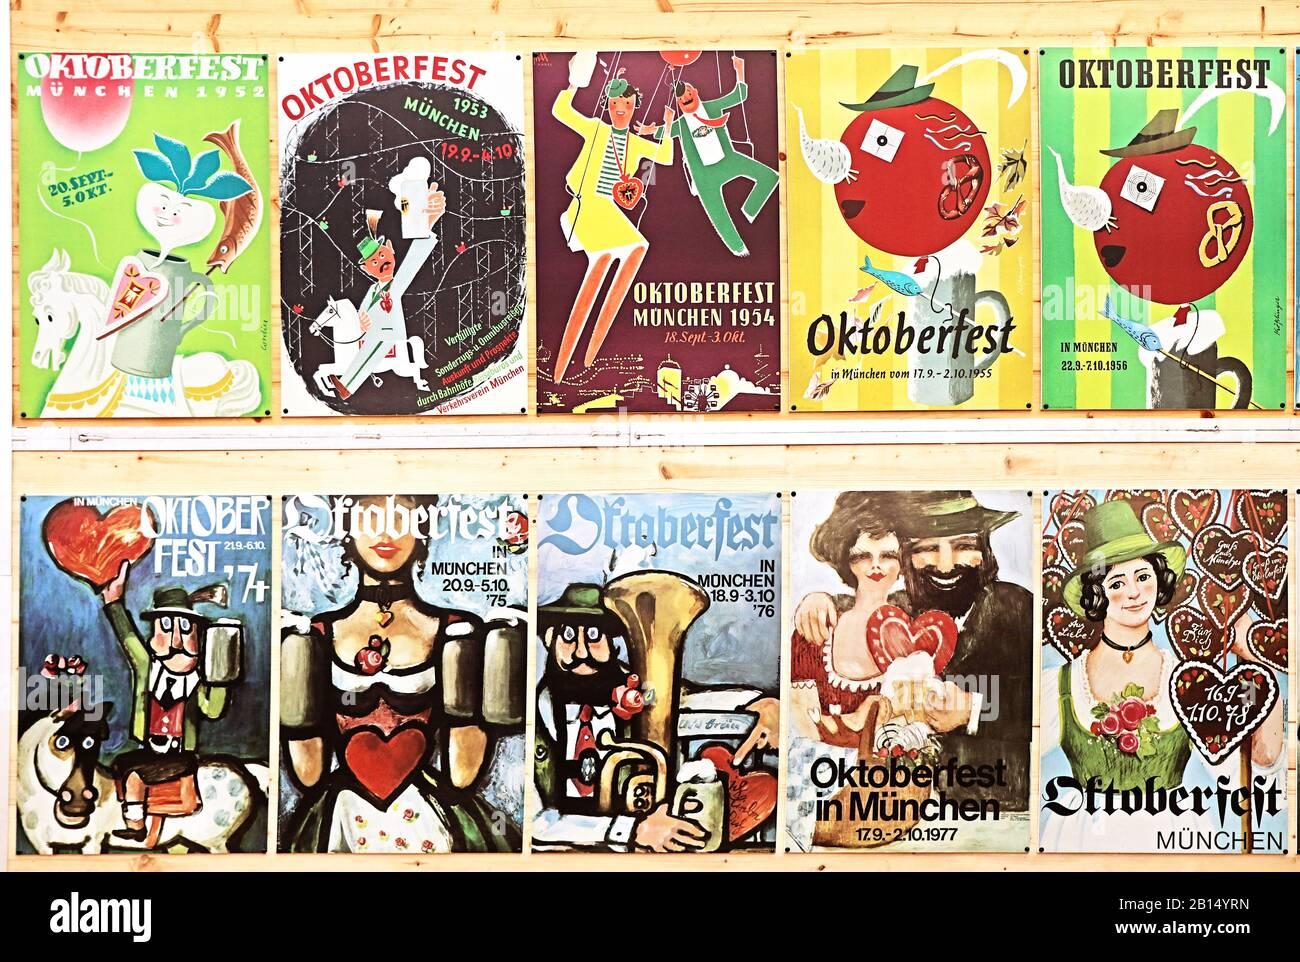 Monaco di Baviera, GERMANIA - 1 OTTOBRE 2019 poster dell'Oktoberfest vintage in esposizione presso Oide Wiesn, parte storica dell'Oktoberfest di Monaco, famiglia e bambini Foto Stock